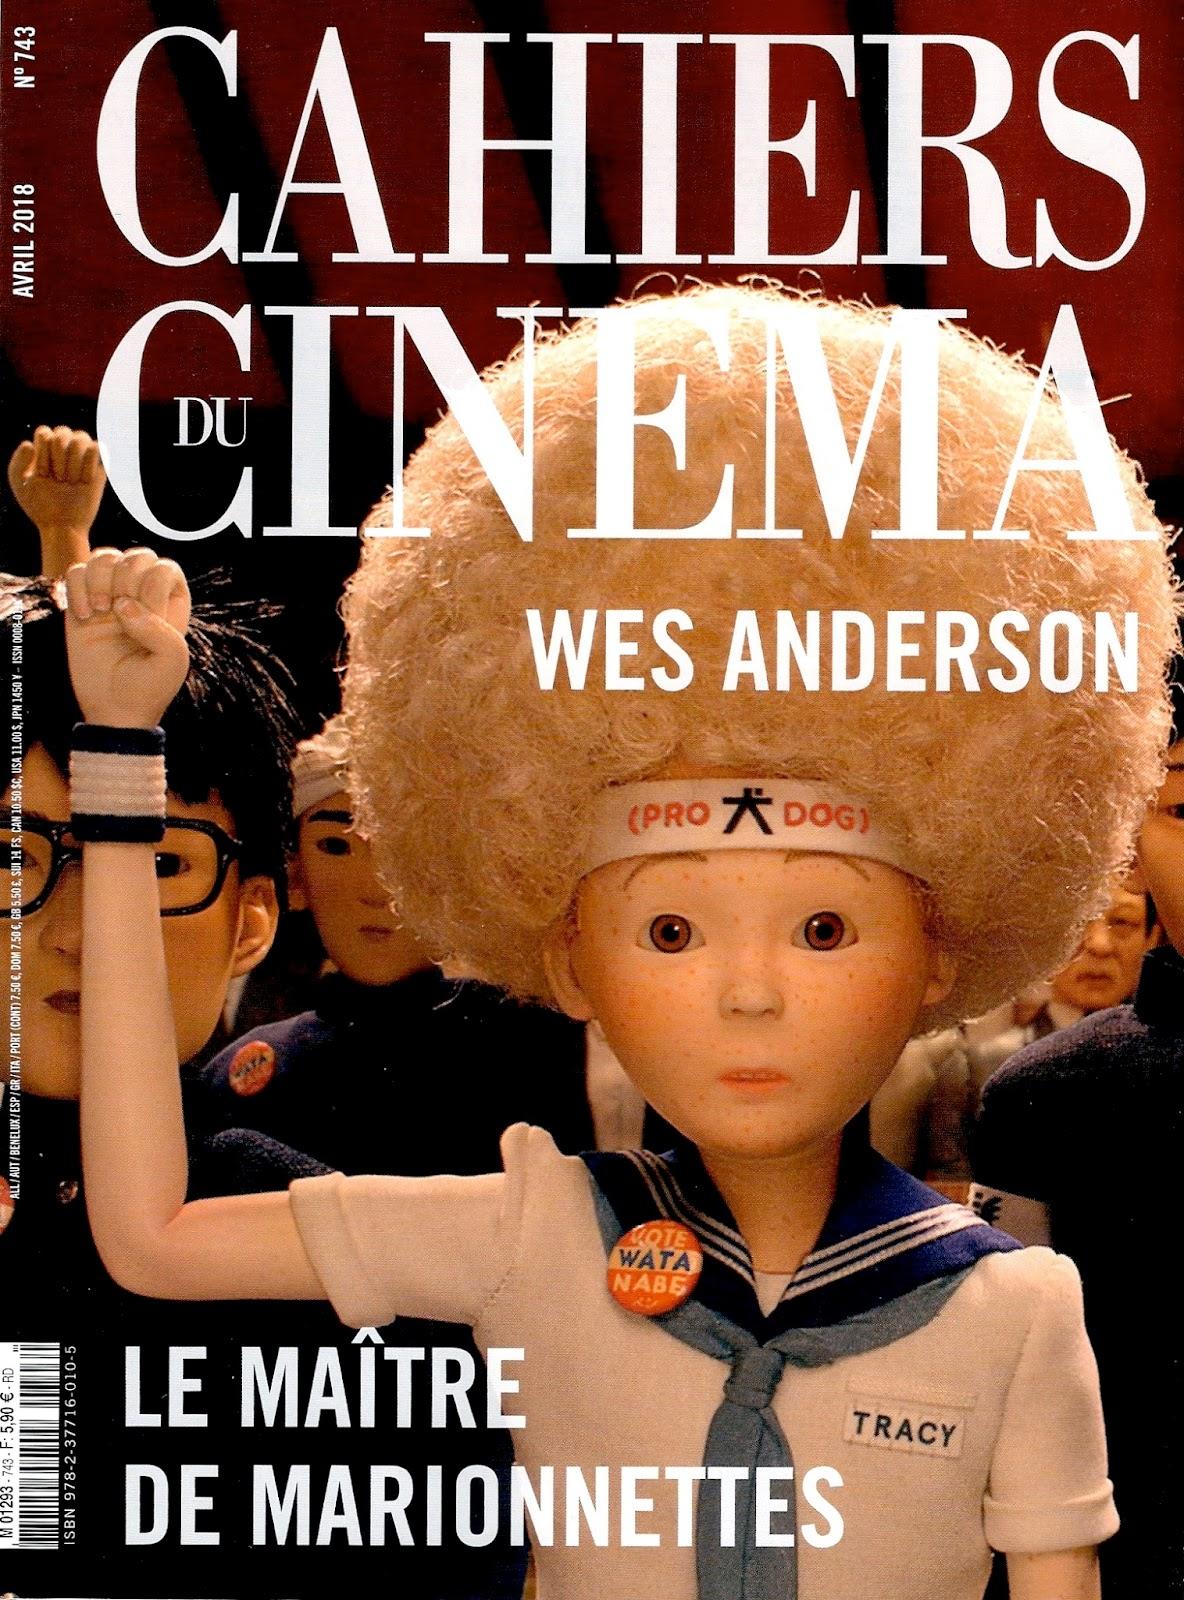 Le Festival MEME PAS PEUR dans Les Cahiers du Cinéma !